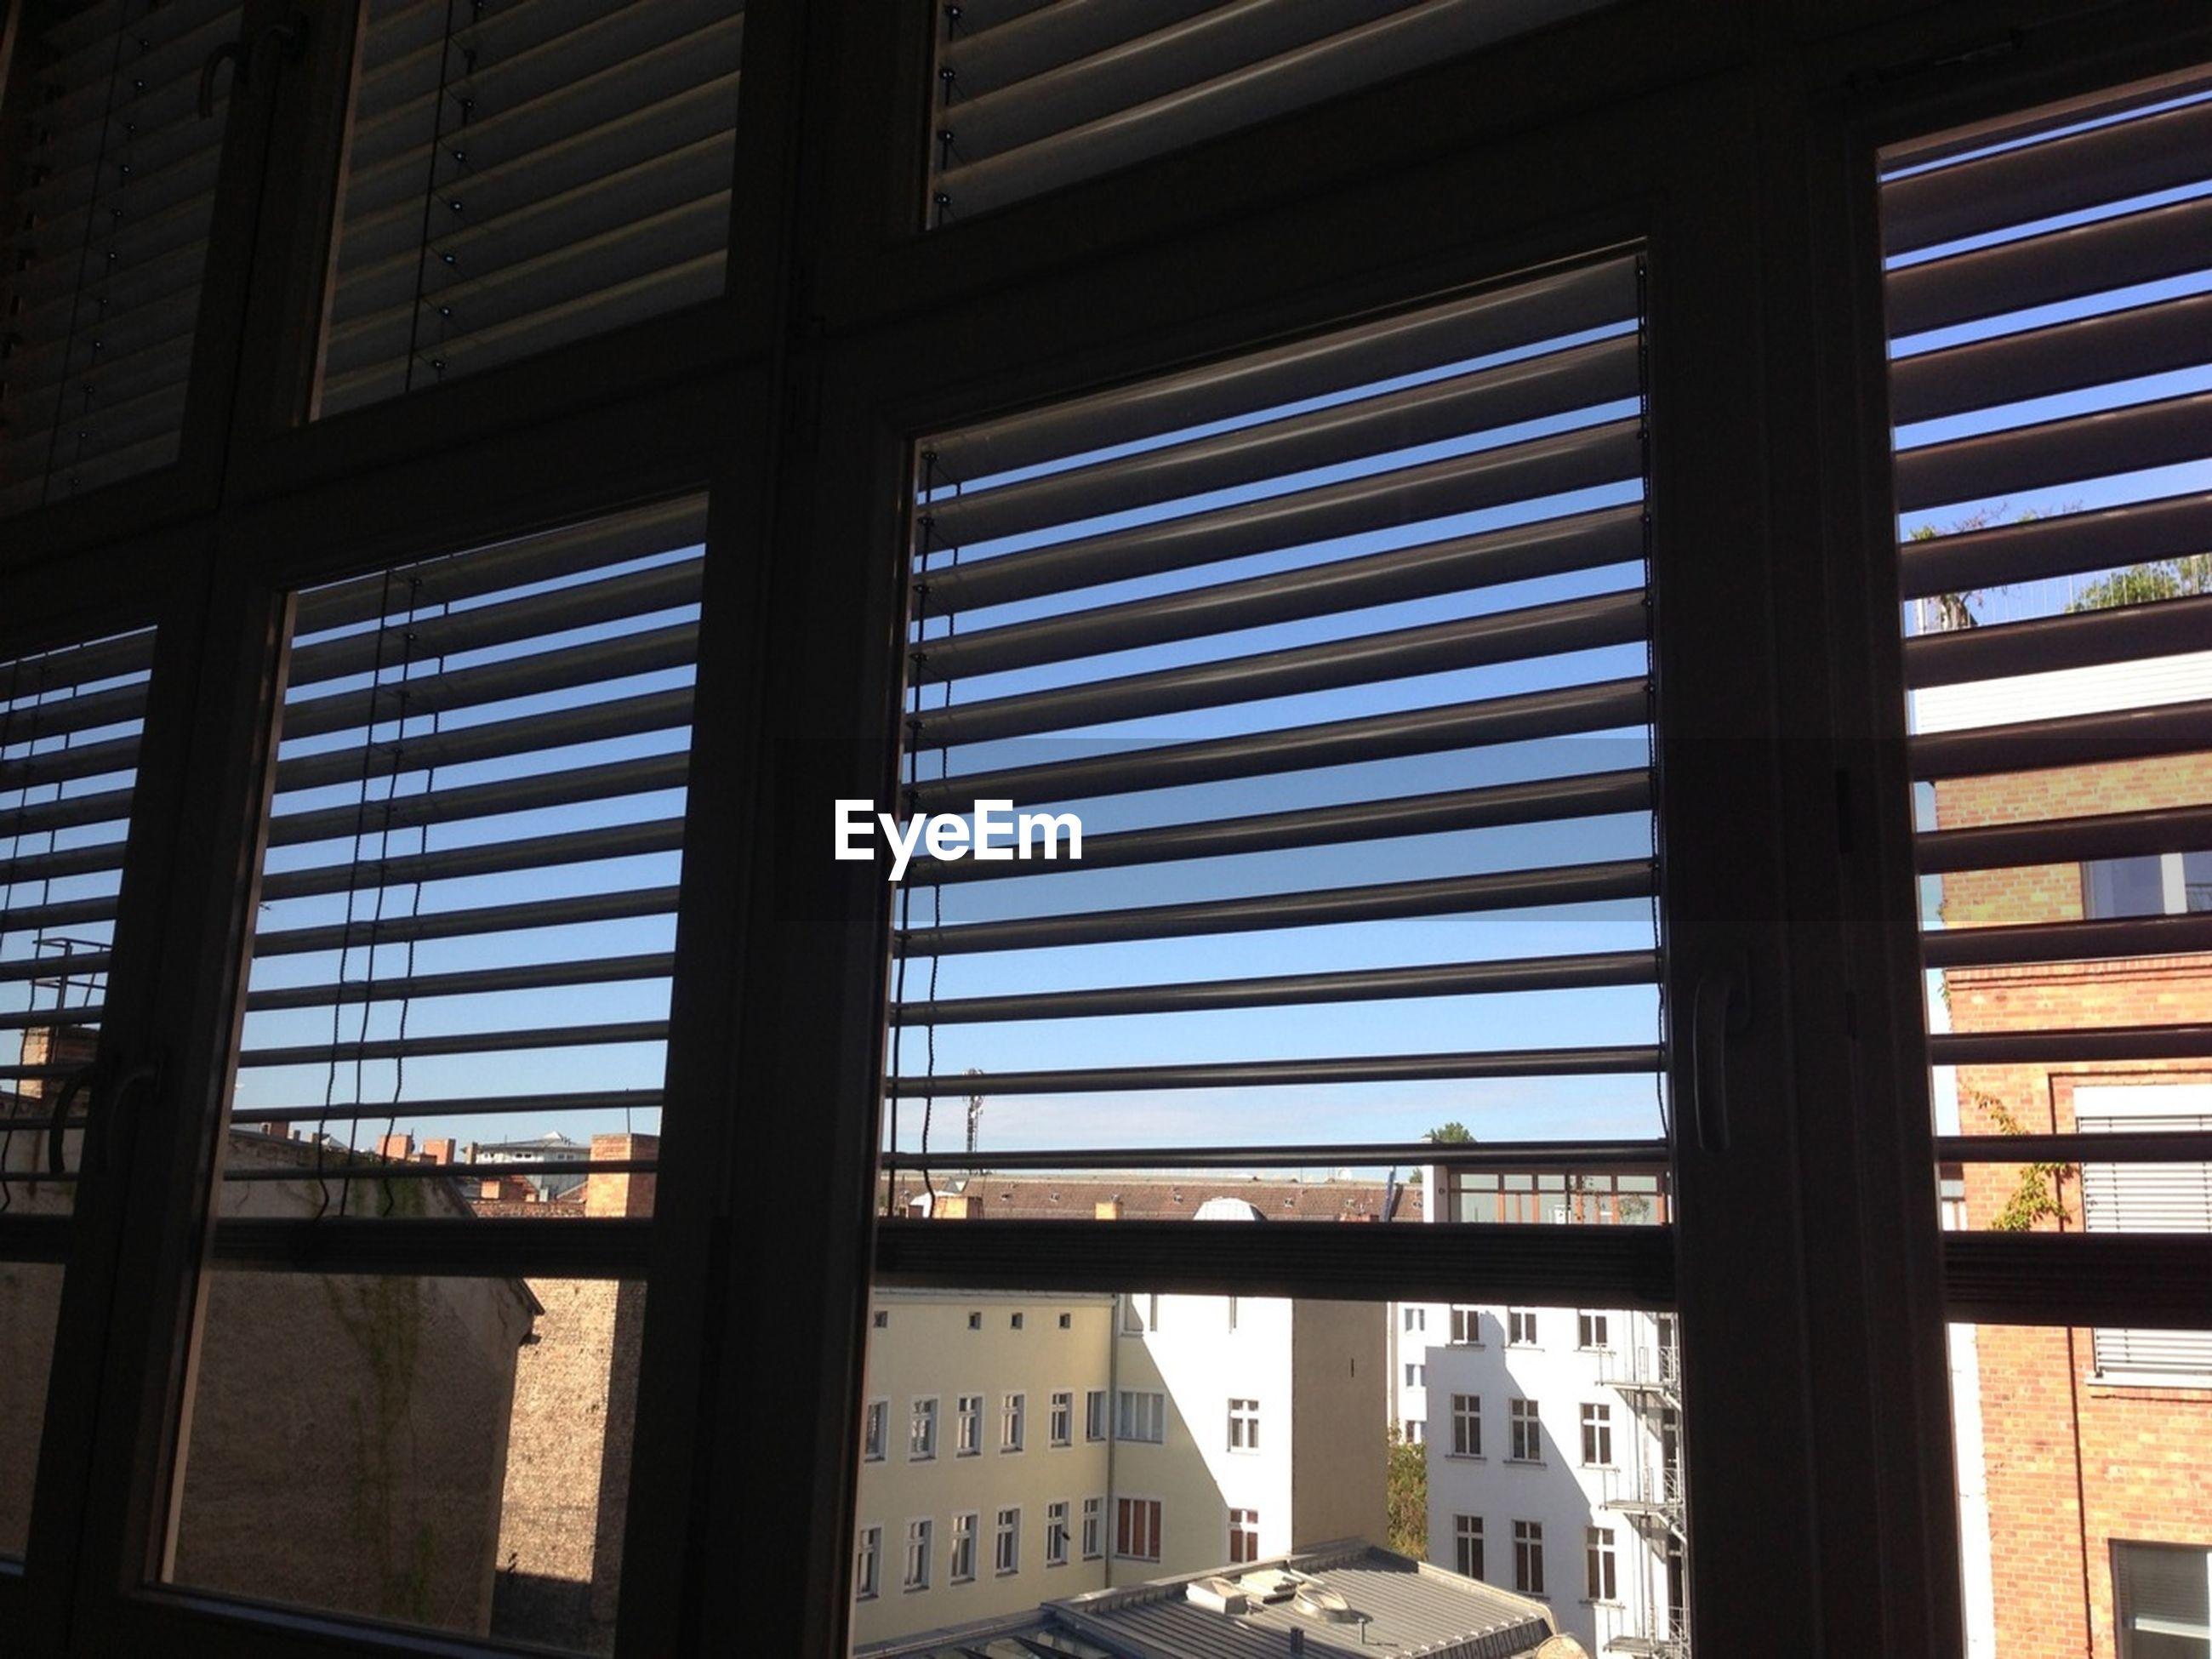 City seen through window blinds